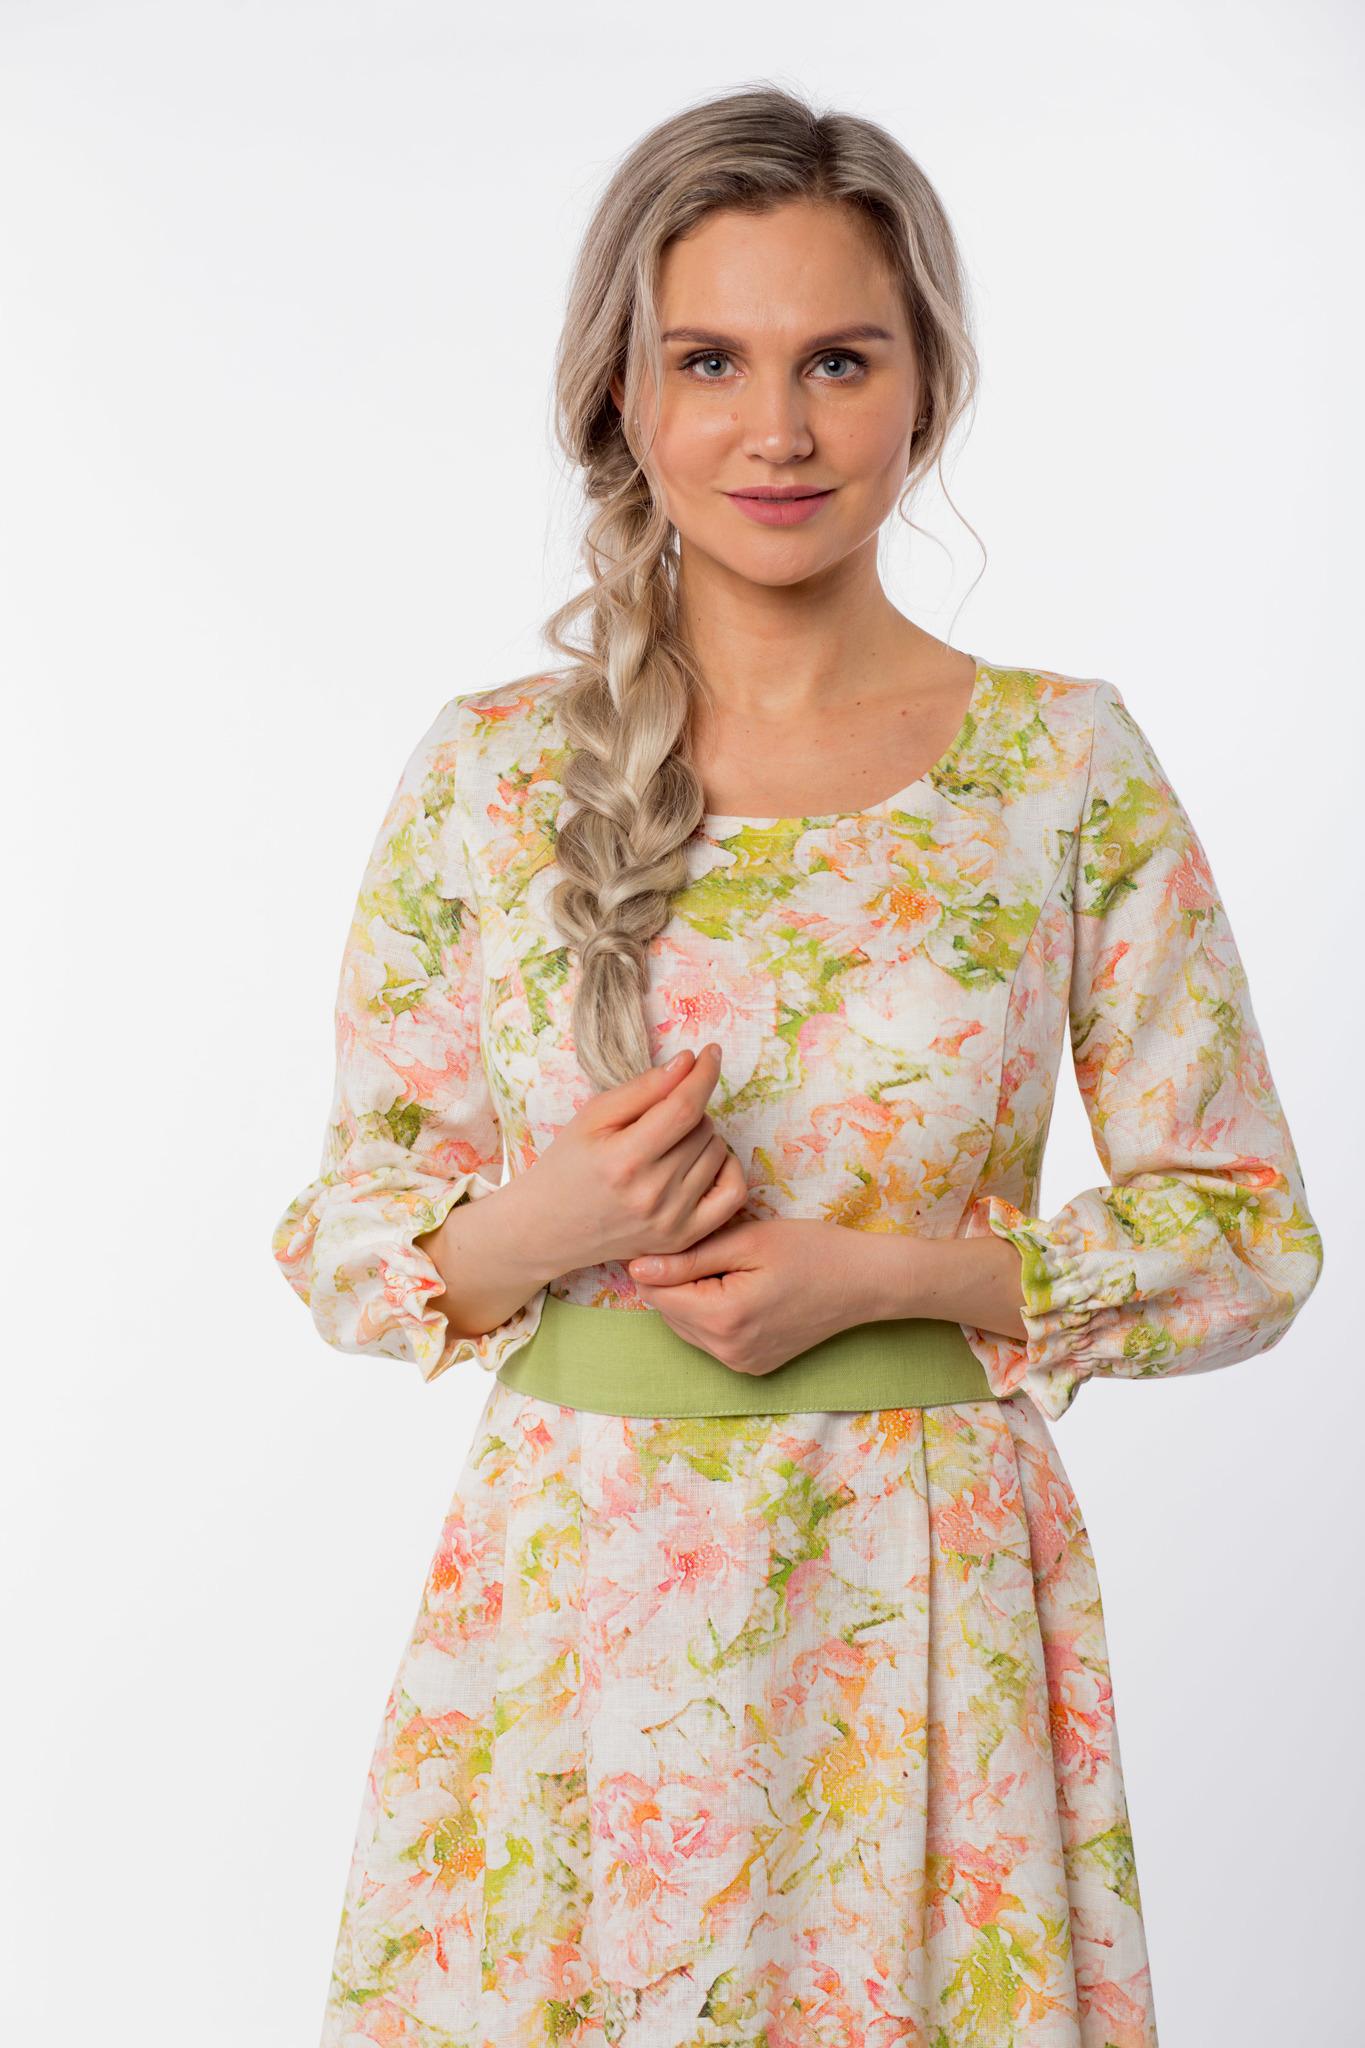 Платье льняное Цветущий шиповник приближенный фрагмент